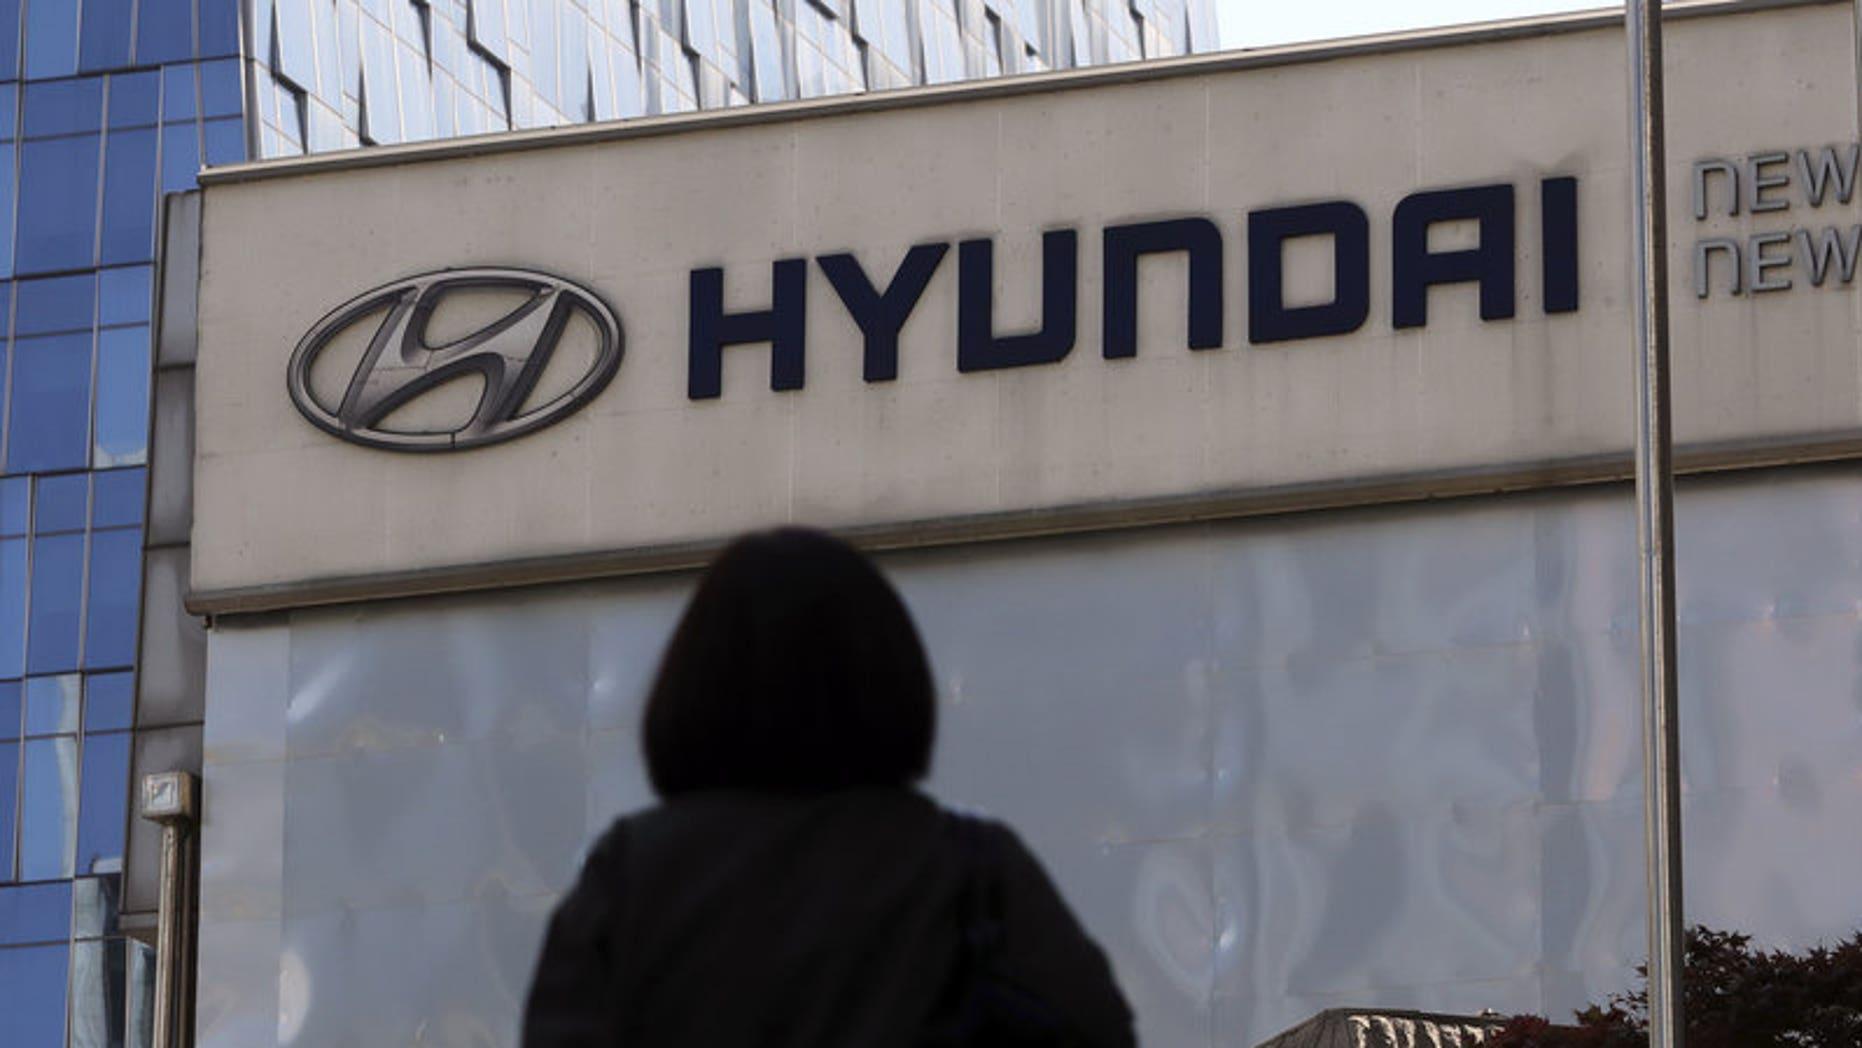 Hyundai in South Korea.